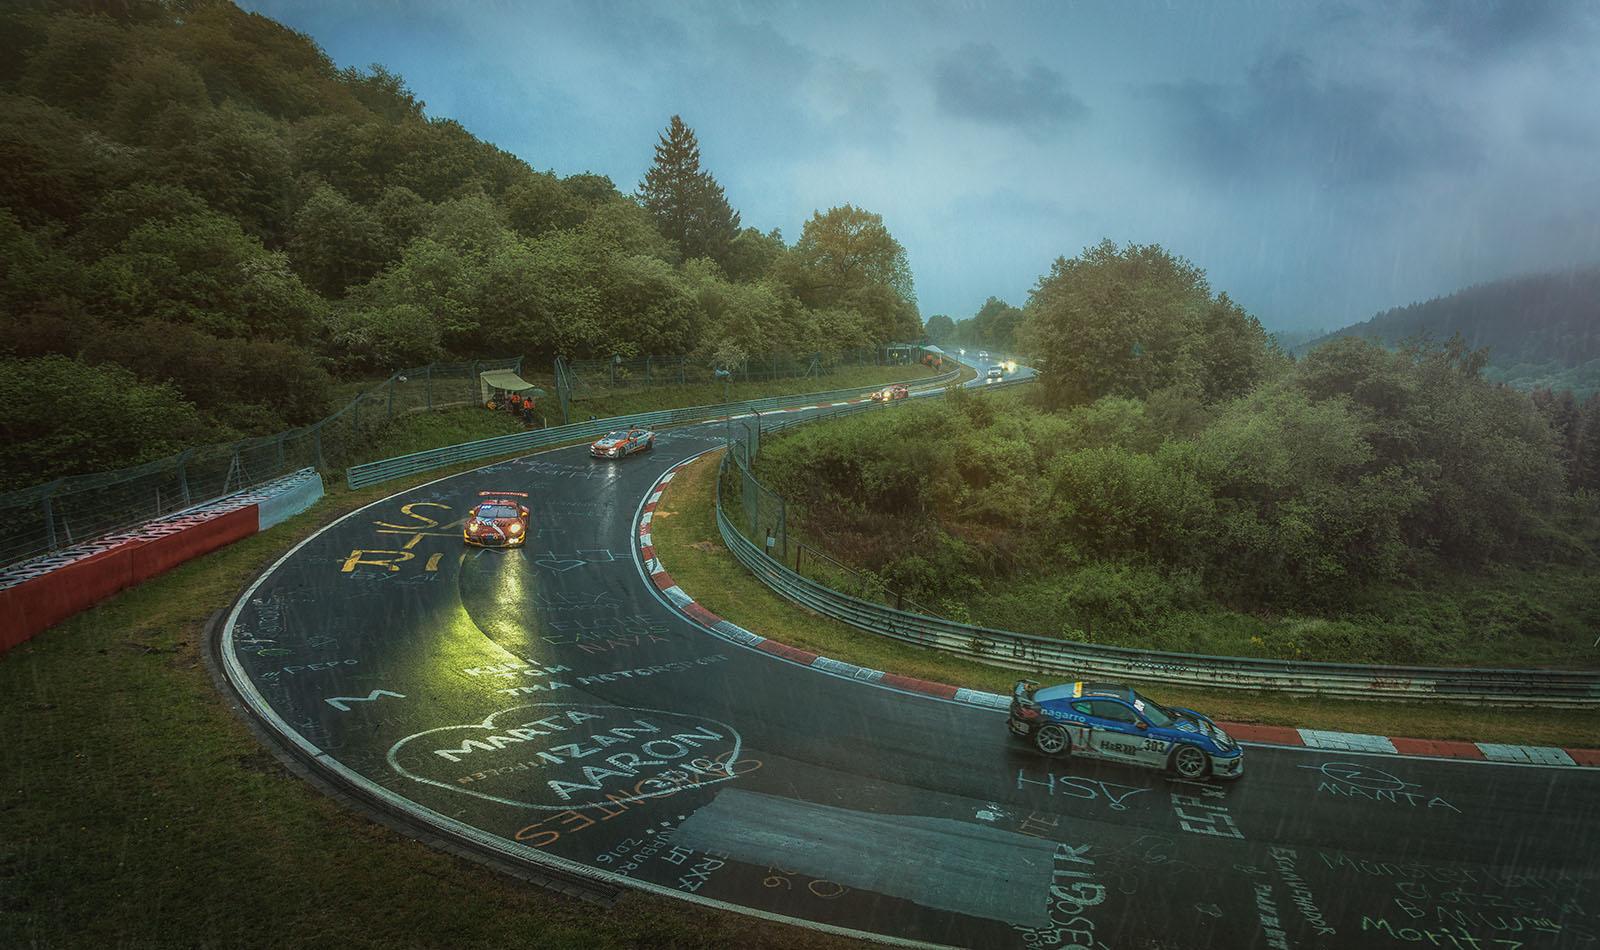 nurburgring_001.jpg